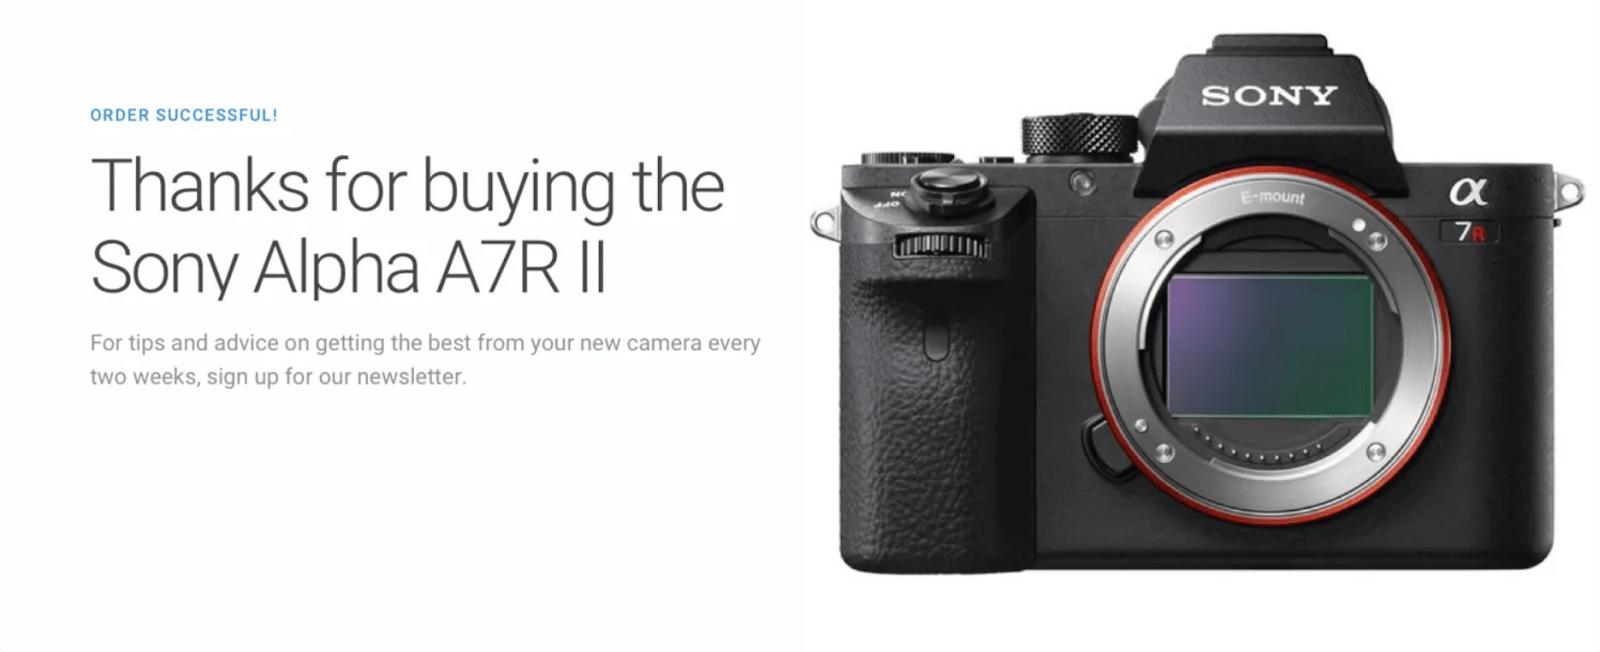 После покупки камеры клиенту сразу предлагают новый call-to-action:«Чтобы получать советы о том, как использовать вашу камеру по полной, подпишитесь на рассылку»